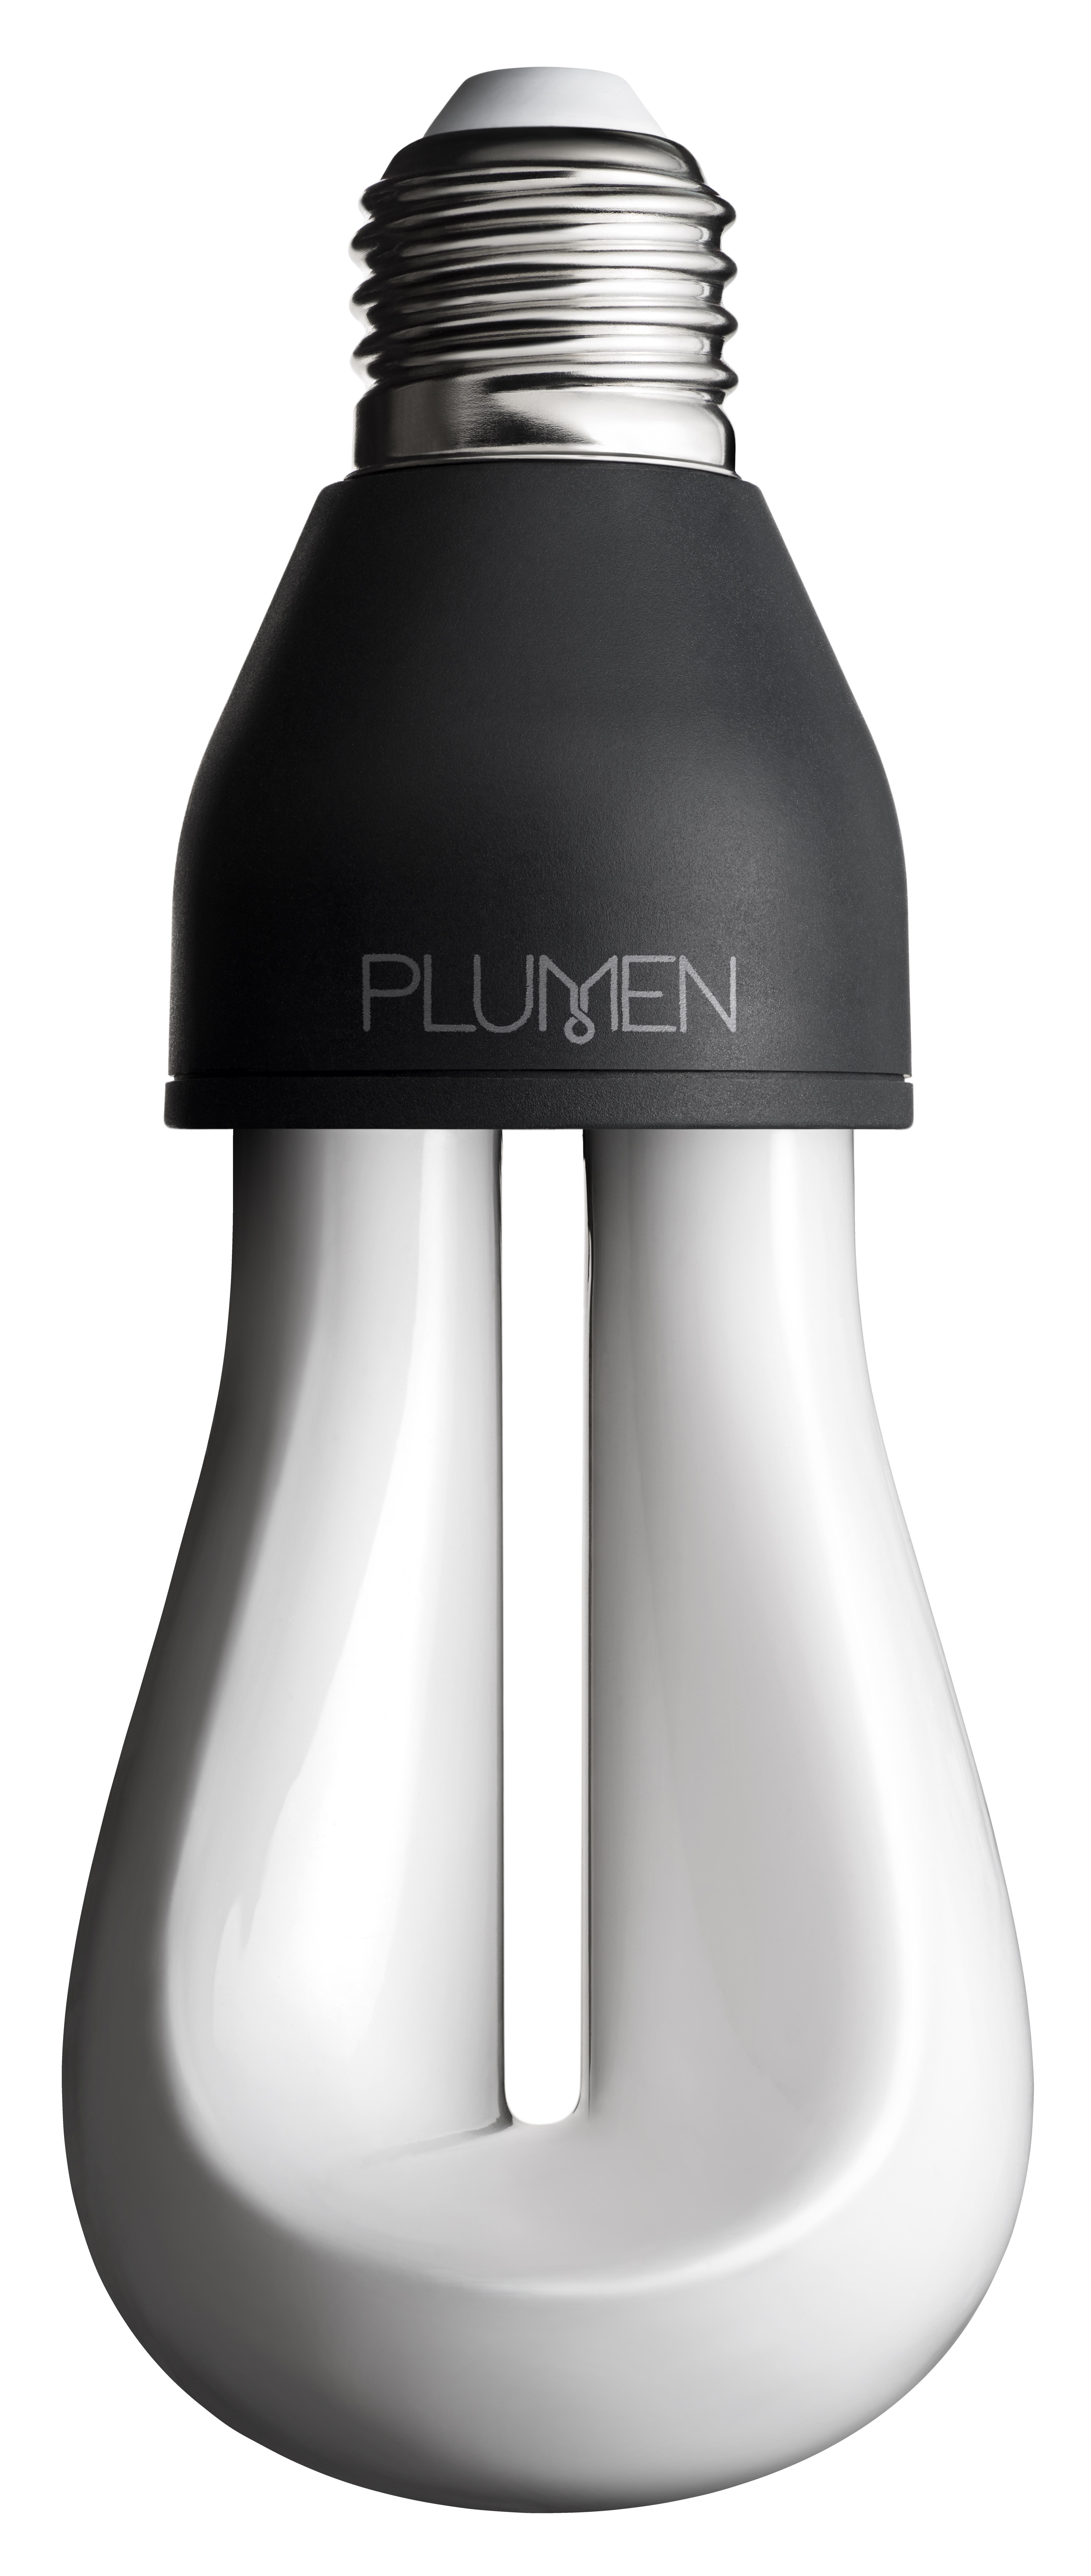 Luminaire - LED - Ampoule LED E27 n°002 ORIGINAL / 4W (25W) - 245 lumen - Plumen - Blanc /culot : noir - Verre soufflé